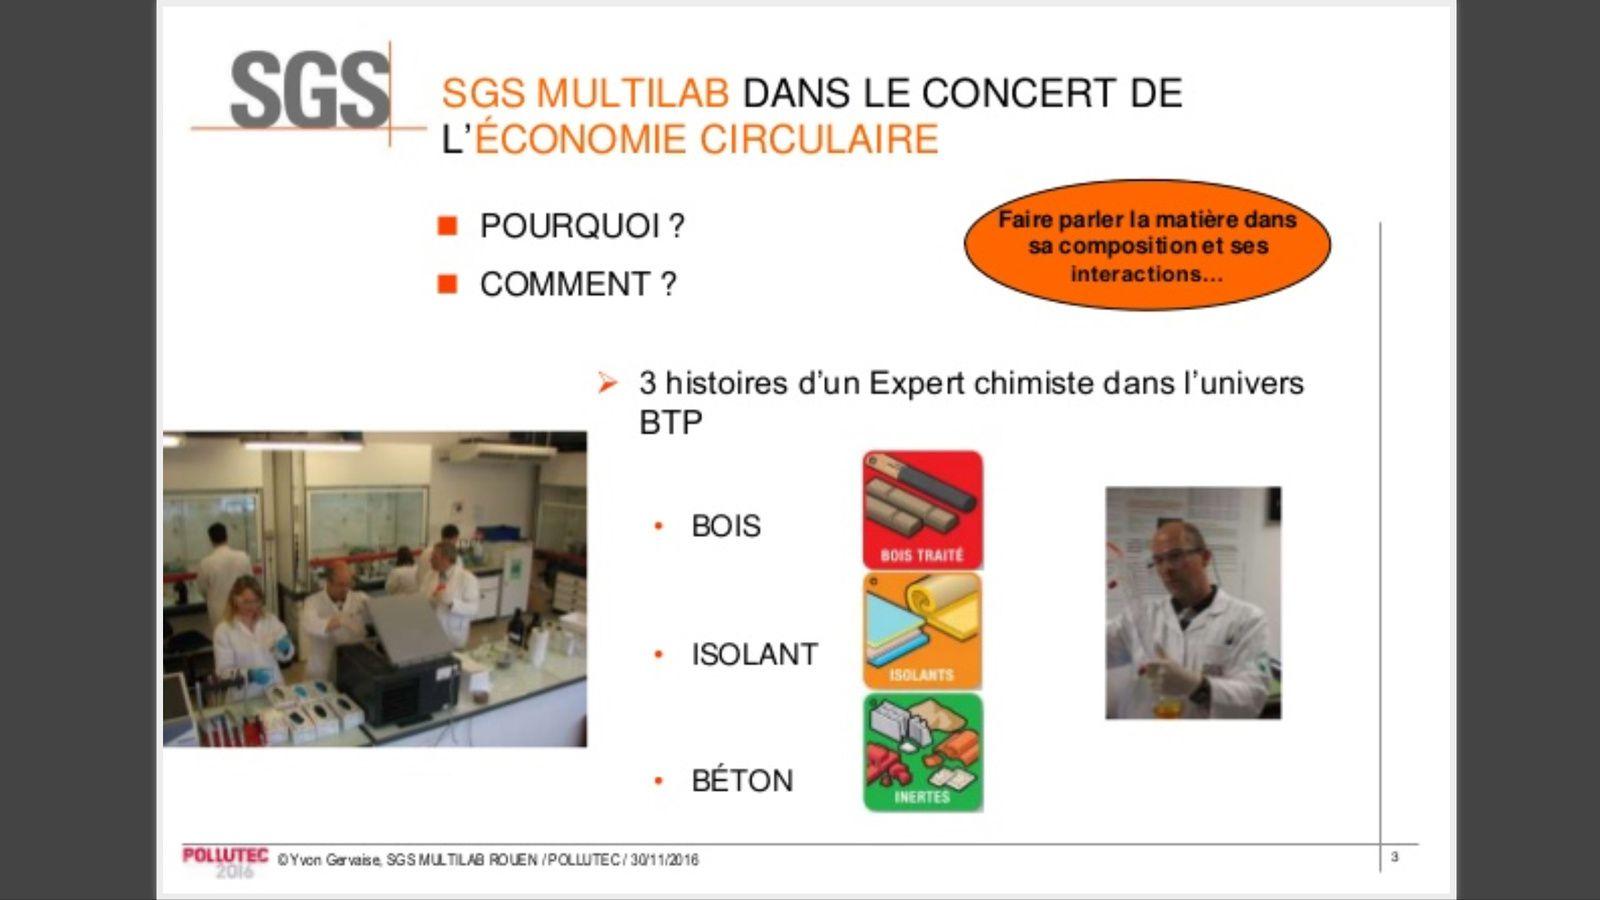 Conference de Yvon Gervaise à POLLUTEC 2016 faite à Lyon Le 30/11